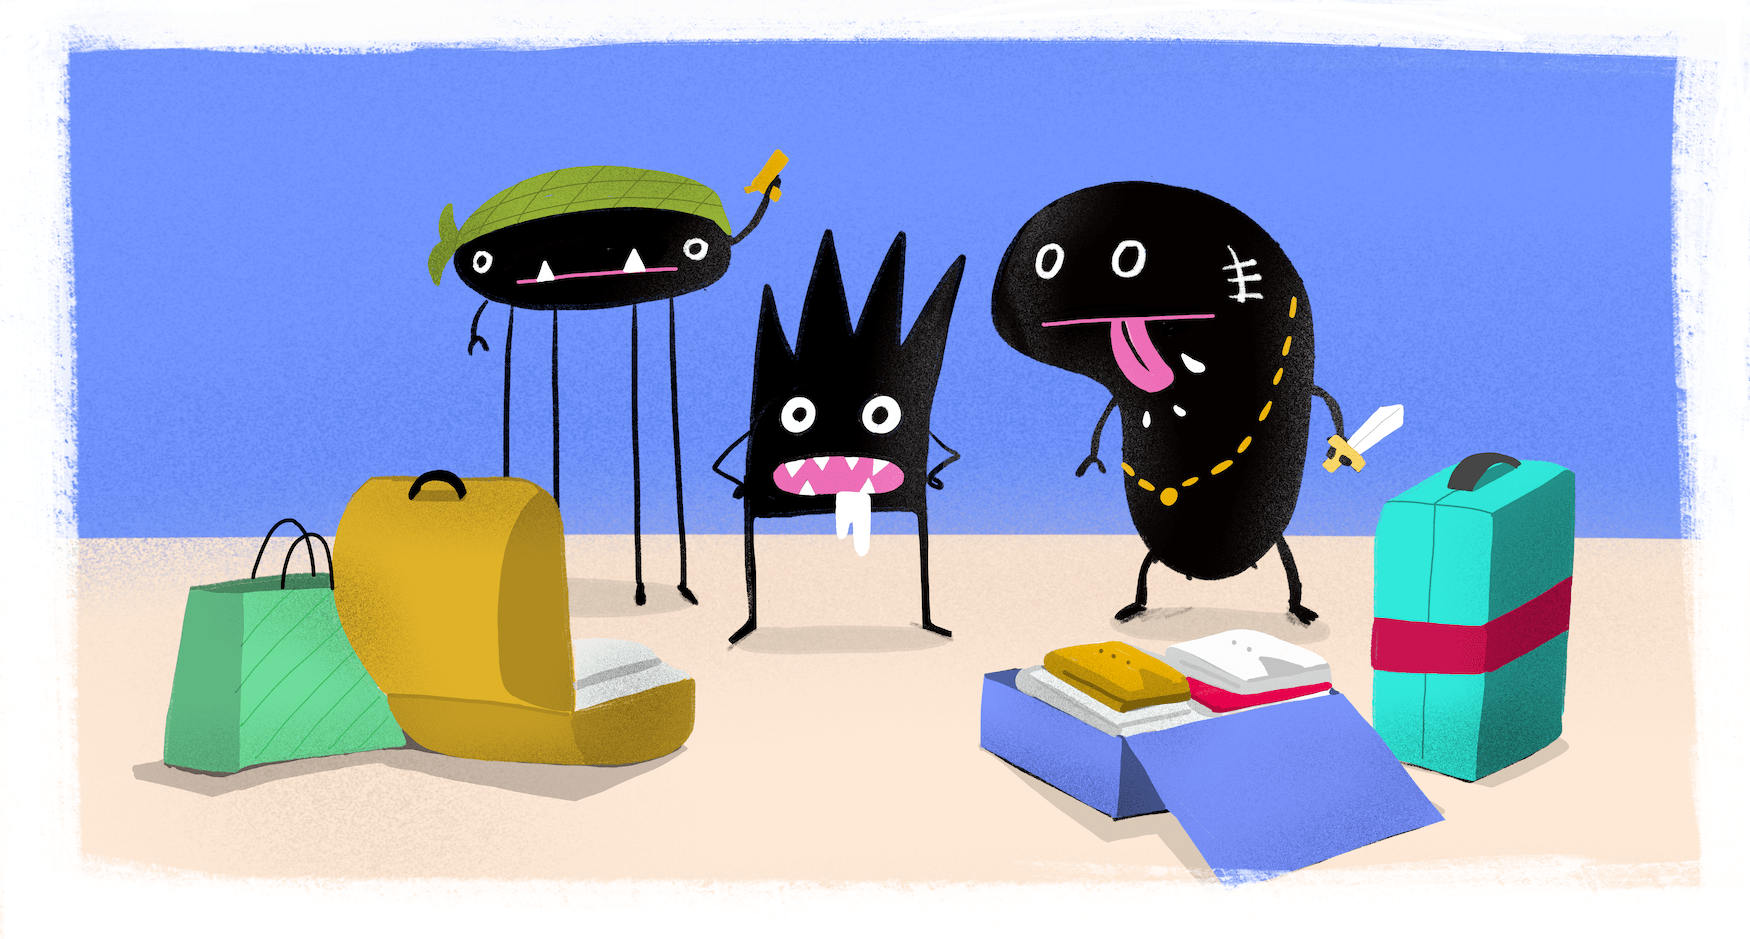 Drei illustrierte Bakterien die sich in Koffer befinden